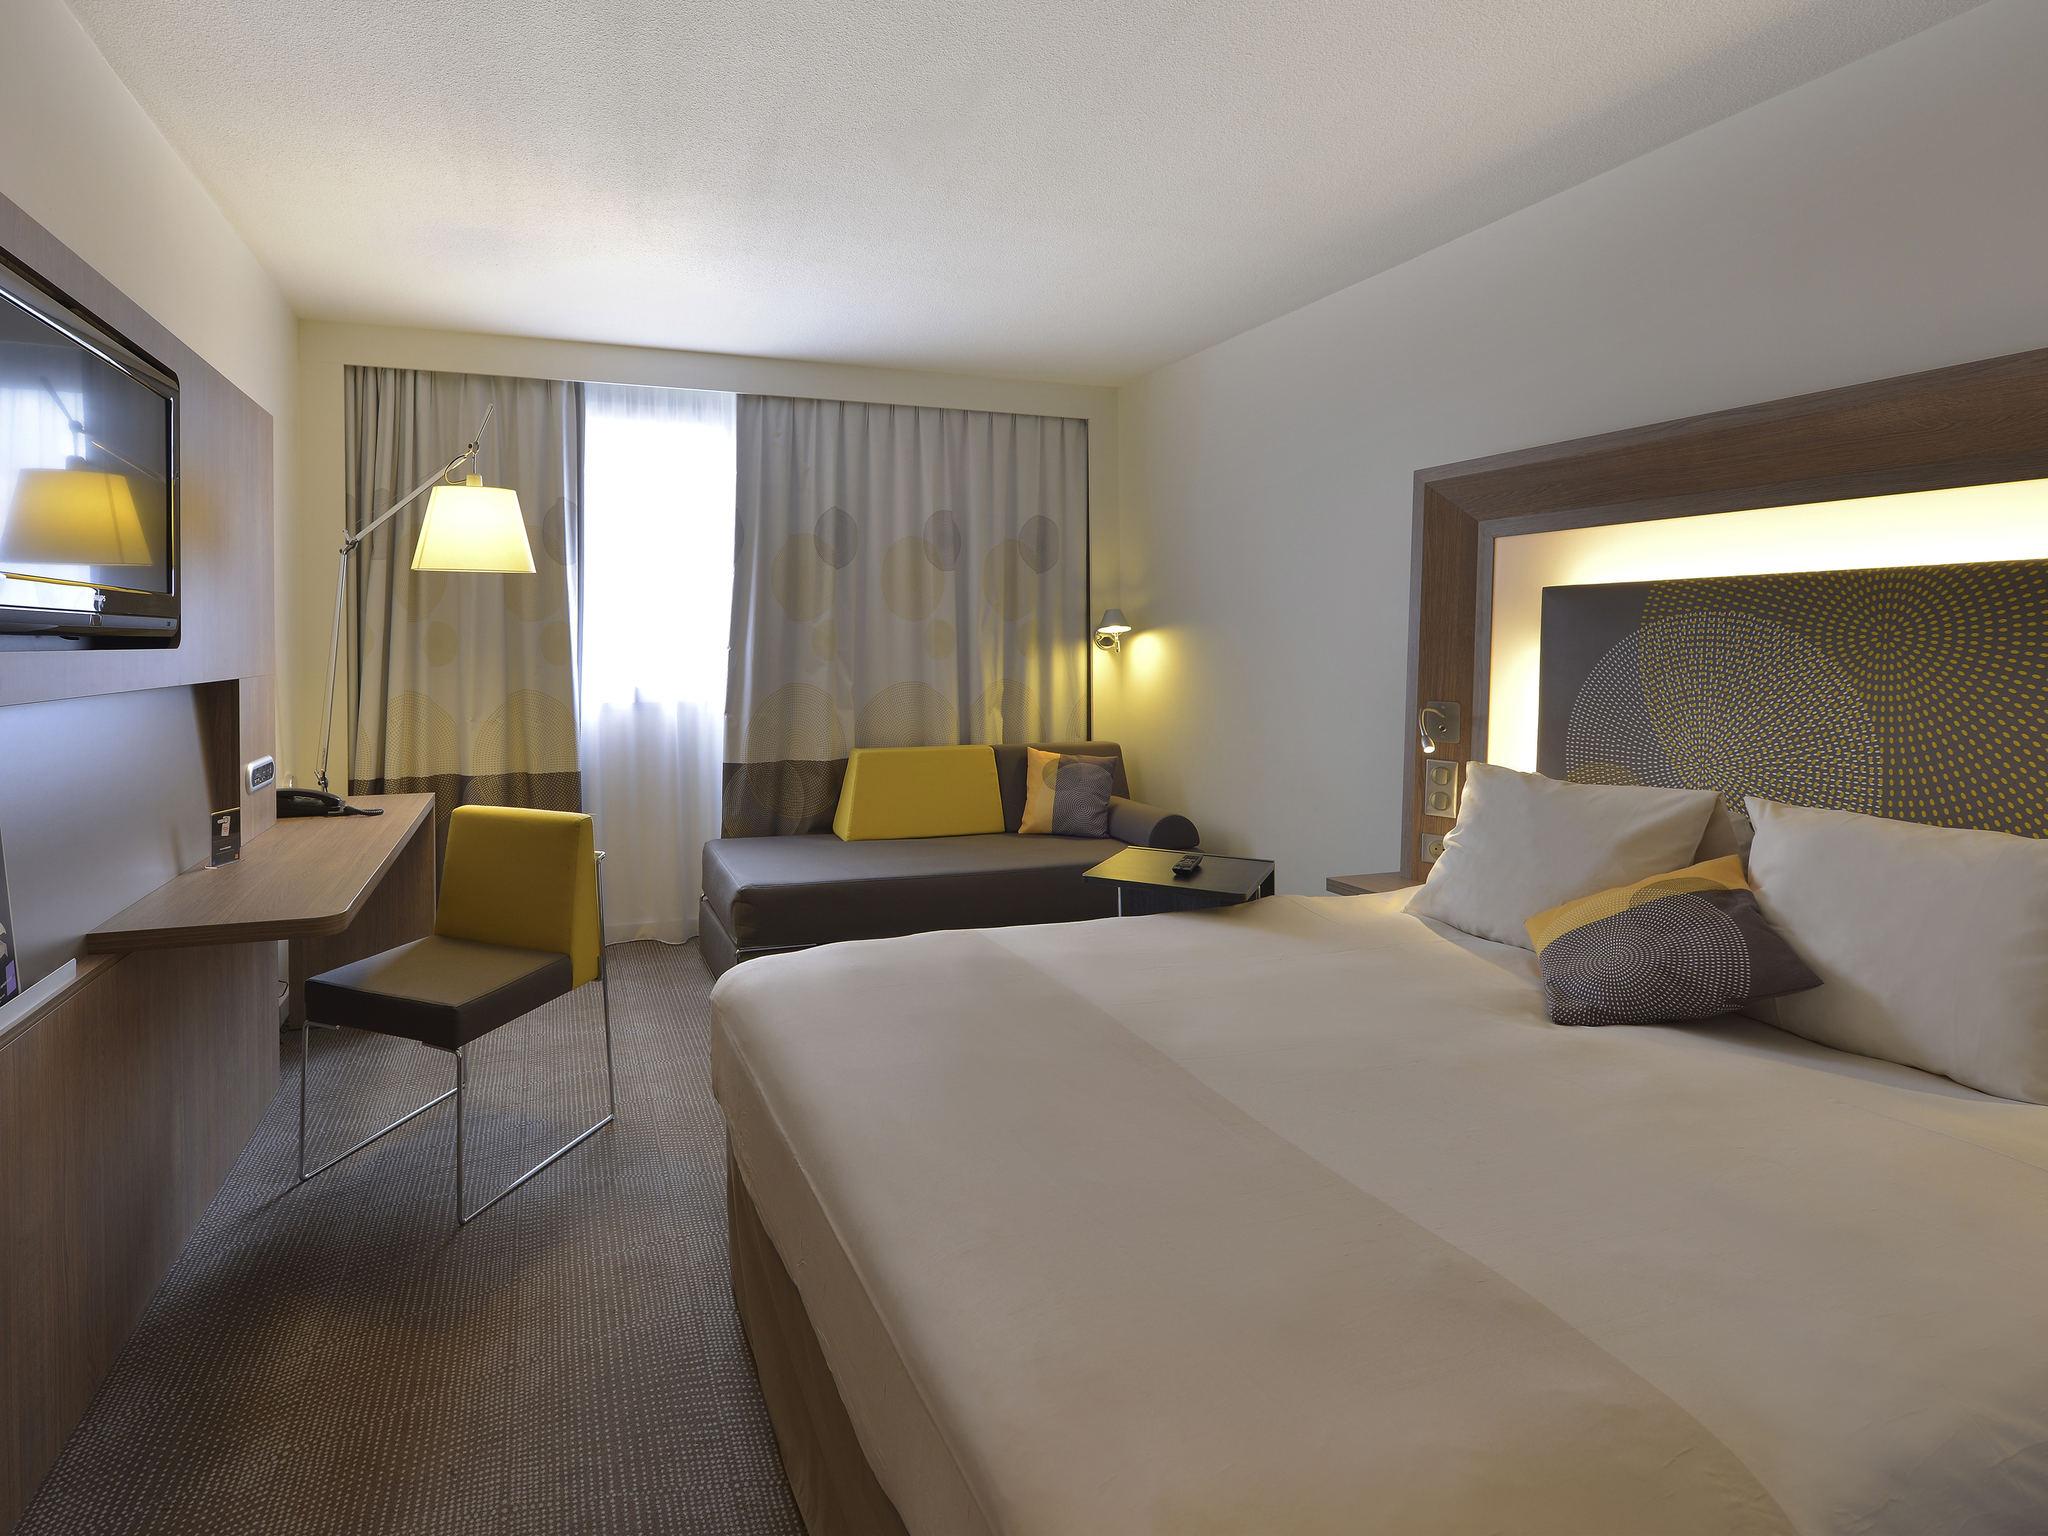 Hotel In Clermont Ferrand Novotel Clermont Ferrand